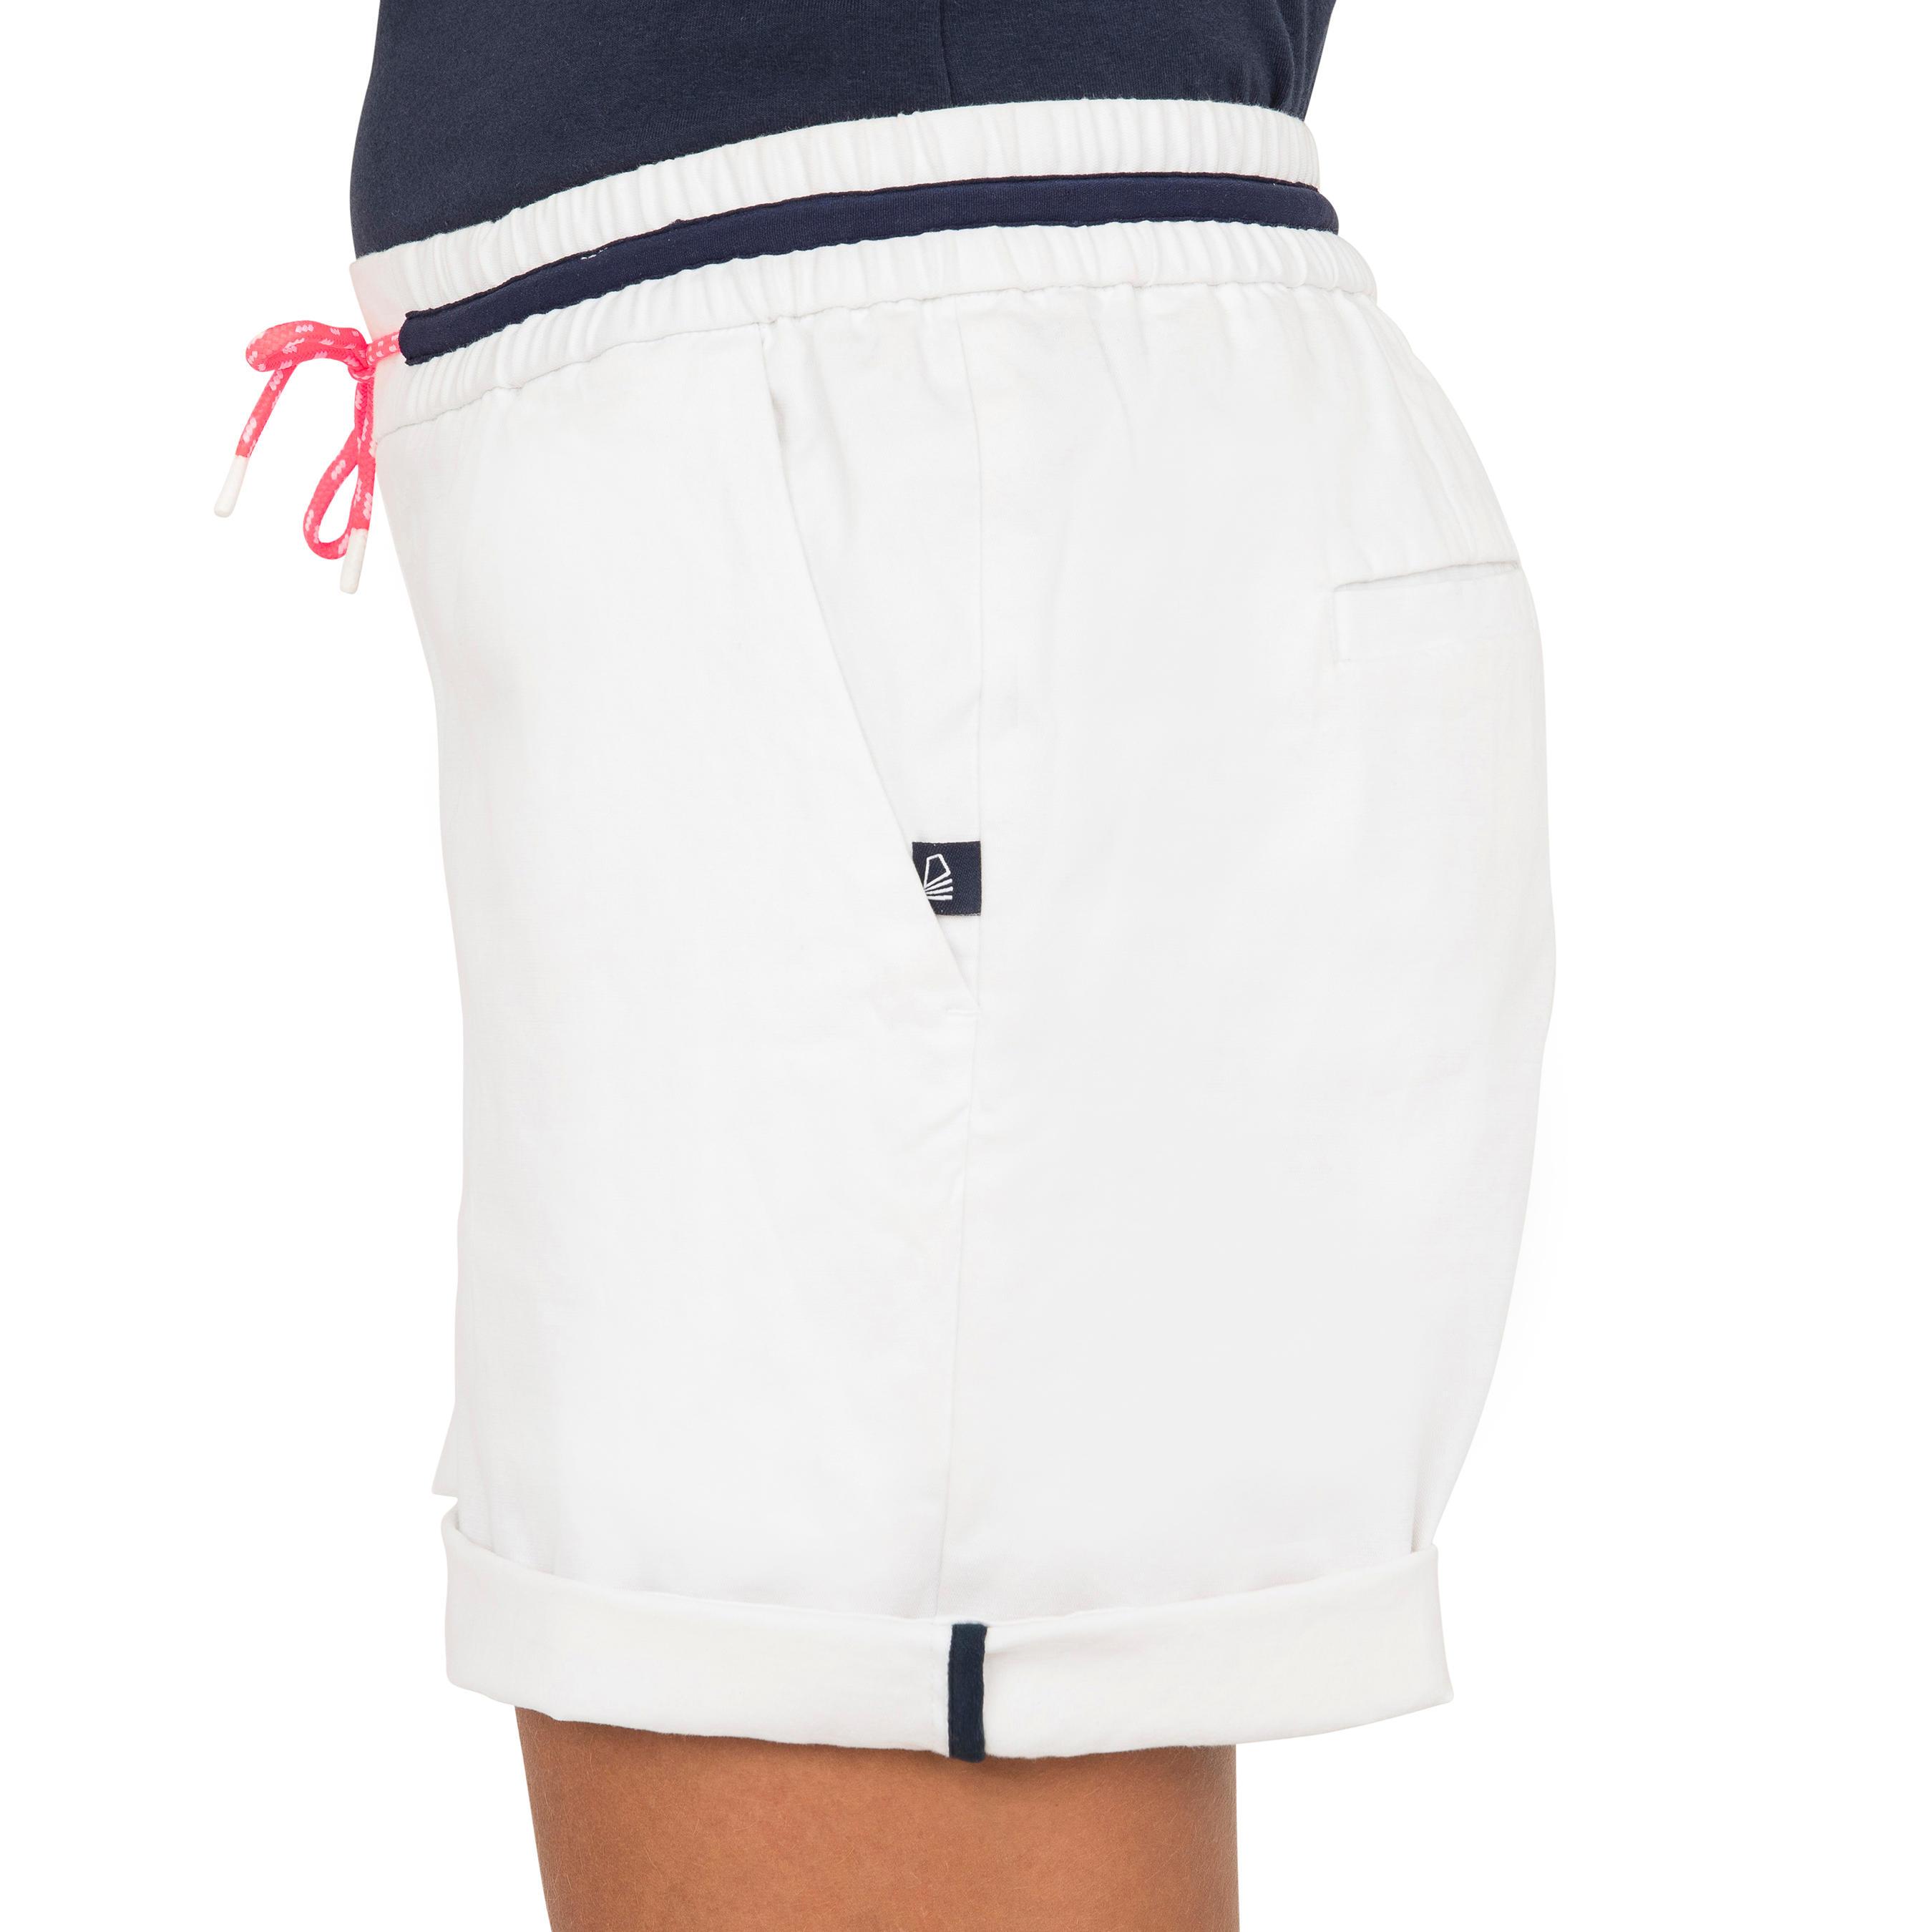 Robuste Voile Femme Short De Sailing 100 Blanc uZkXiOPT